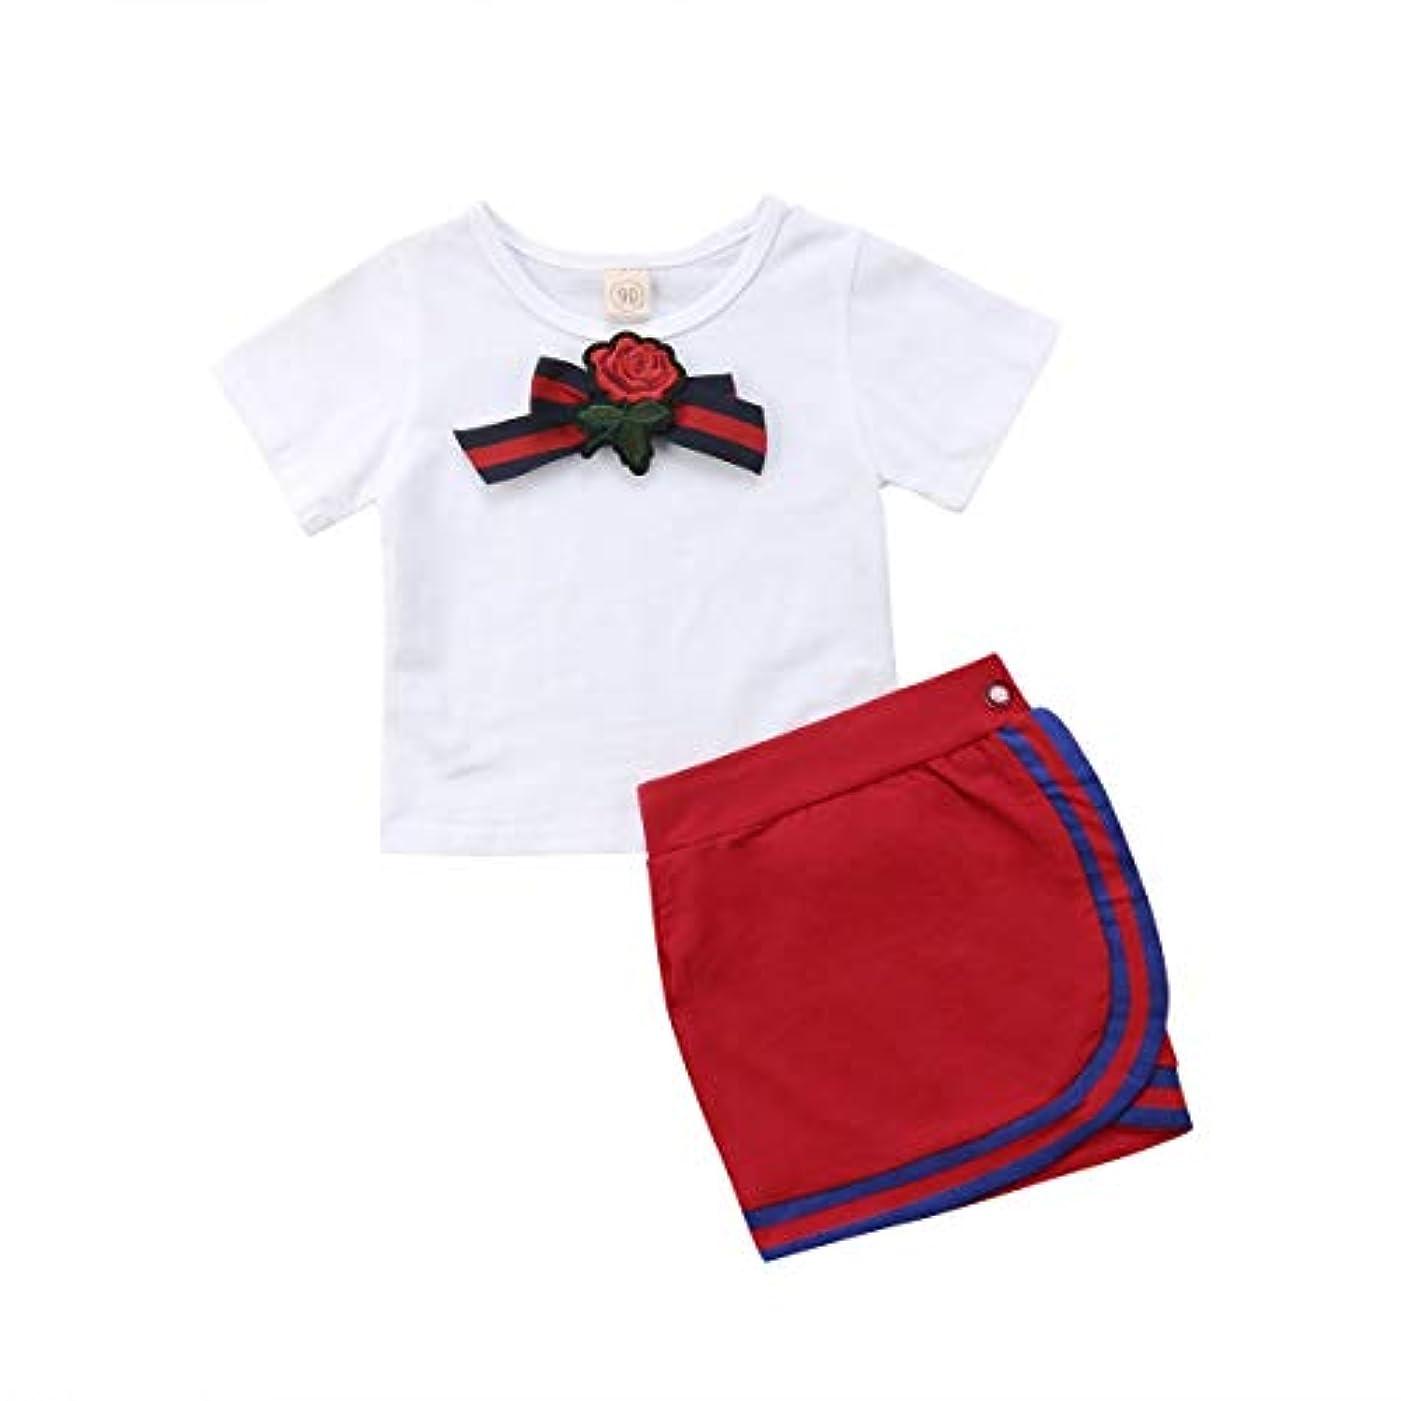 棚子音不利Onderroa - 女子制服新生児キッズベビー は蝶の花タイのTシャツショートミニスカートパーティーウェディングチュチュドレストップス設定します。